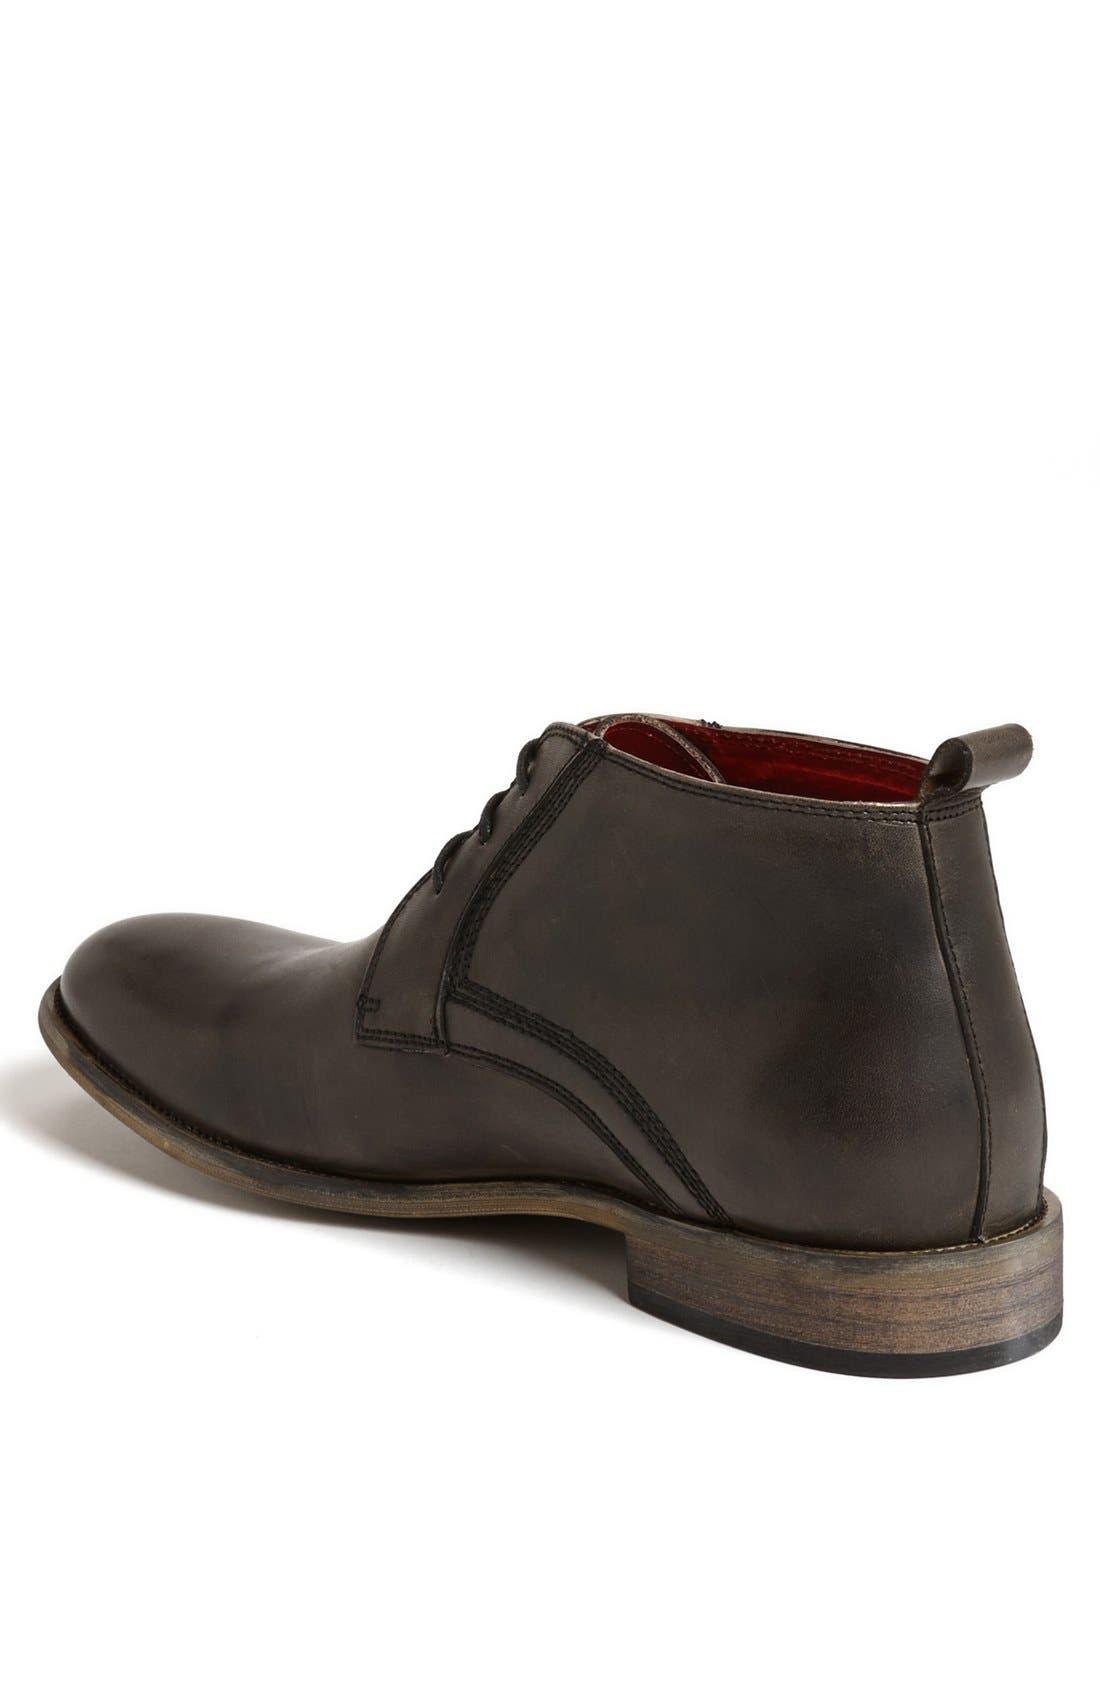 Alternate Image 2  - Steve Madden 'Bronxxx' Chukka Boot (Men)